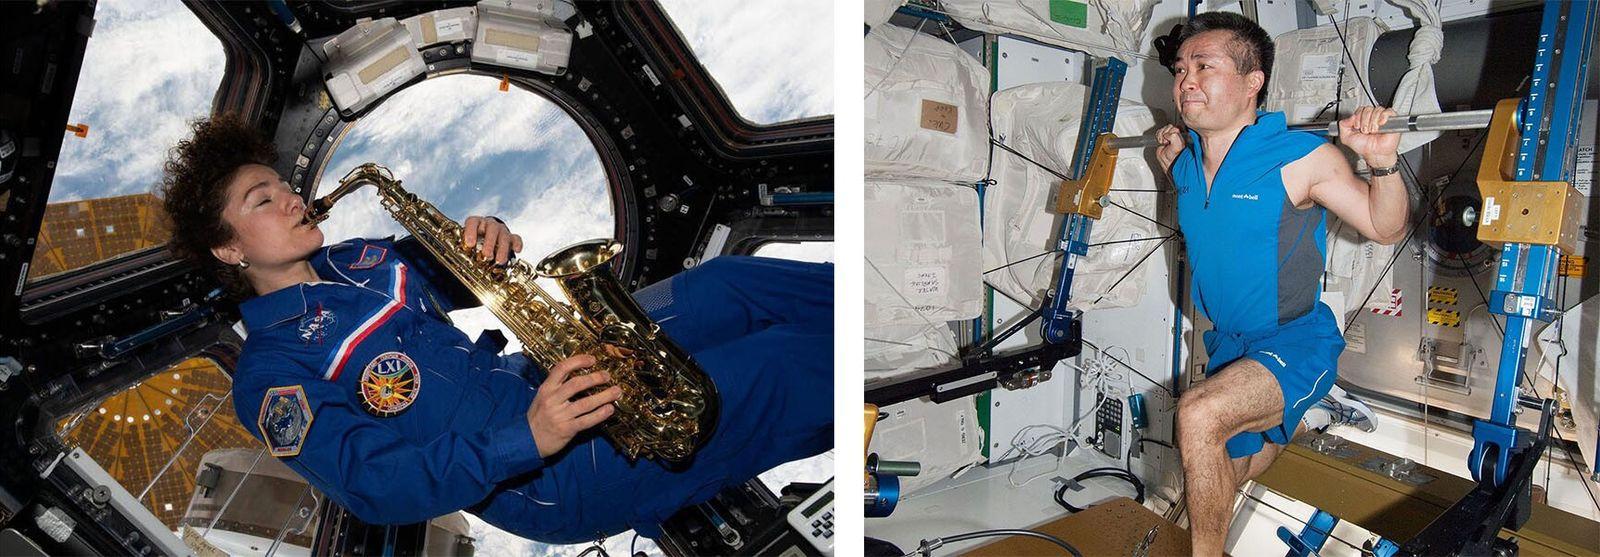 Esquerda: Antes de regressar à Terra em abril de 2020, Jessica Meir, astronauta da NASA e ...